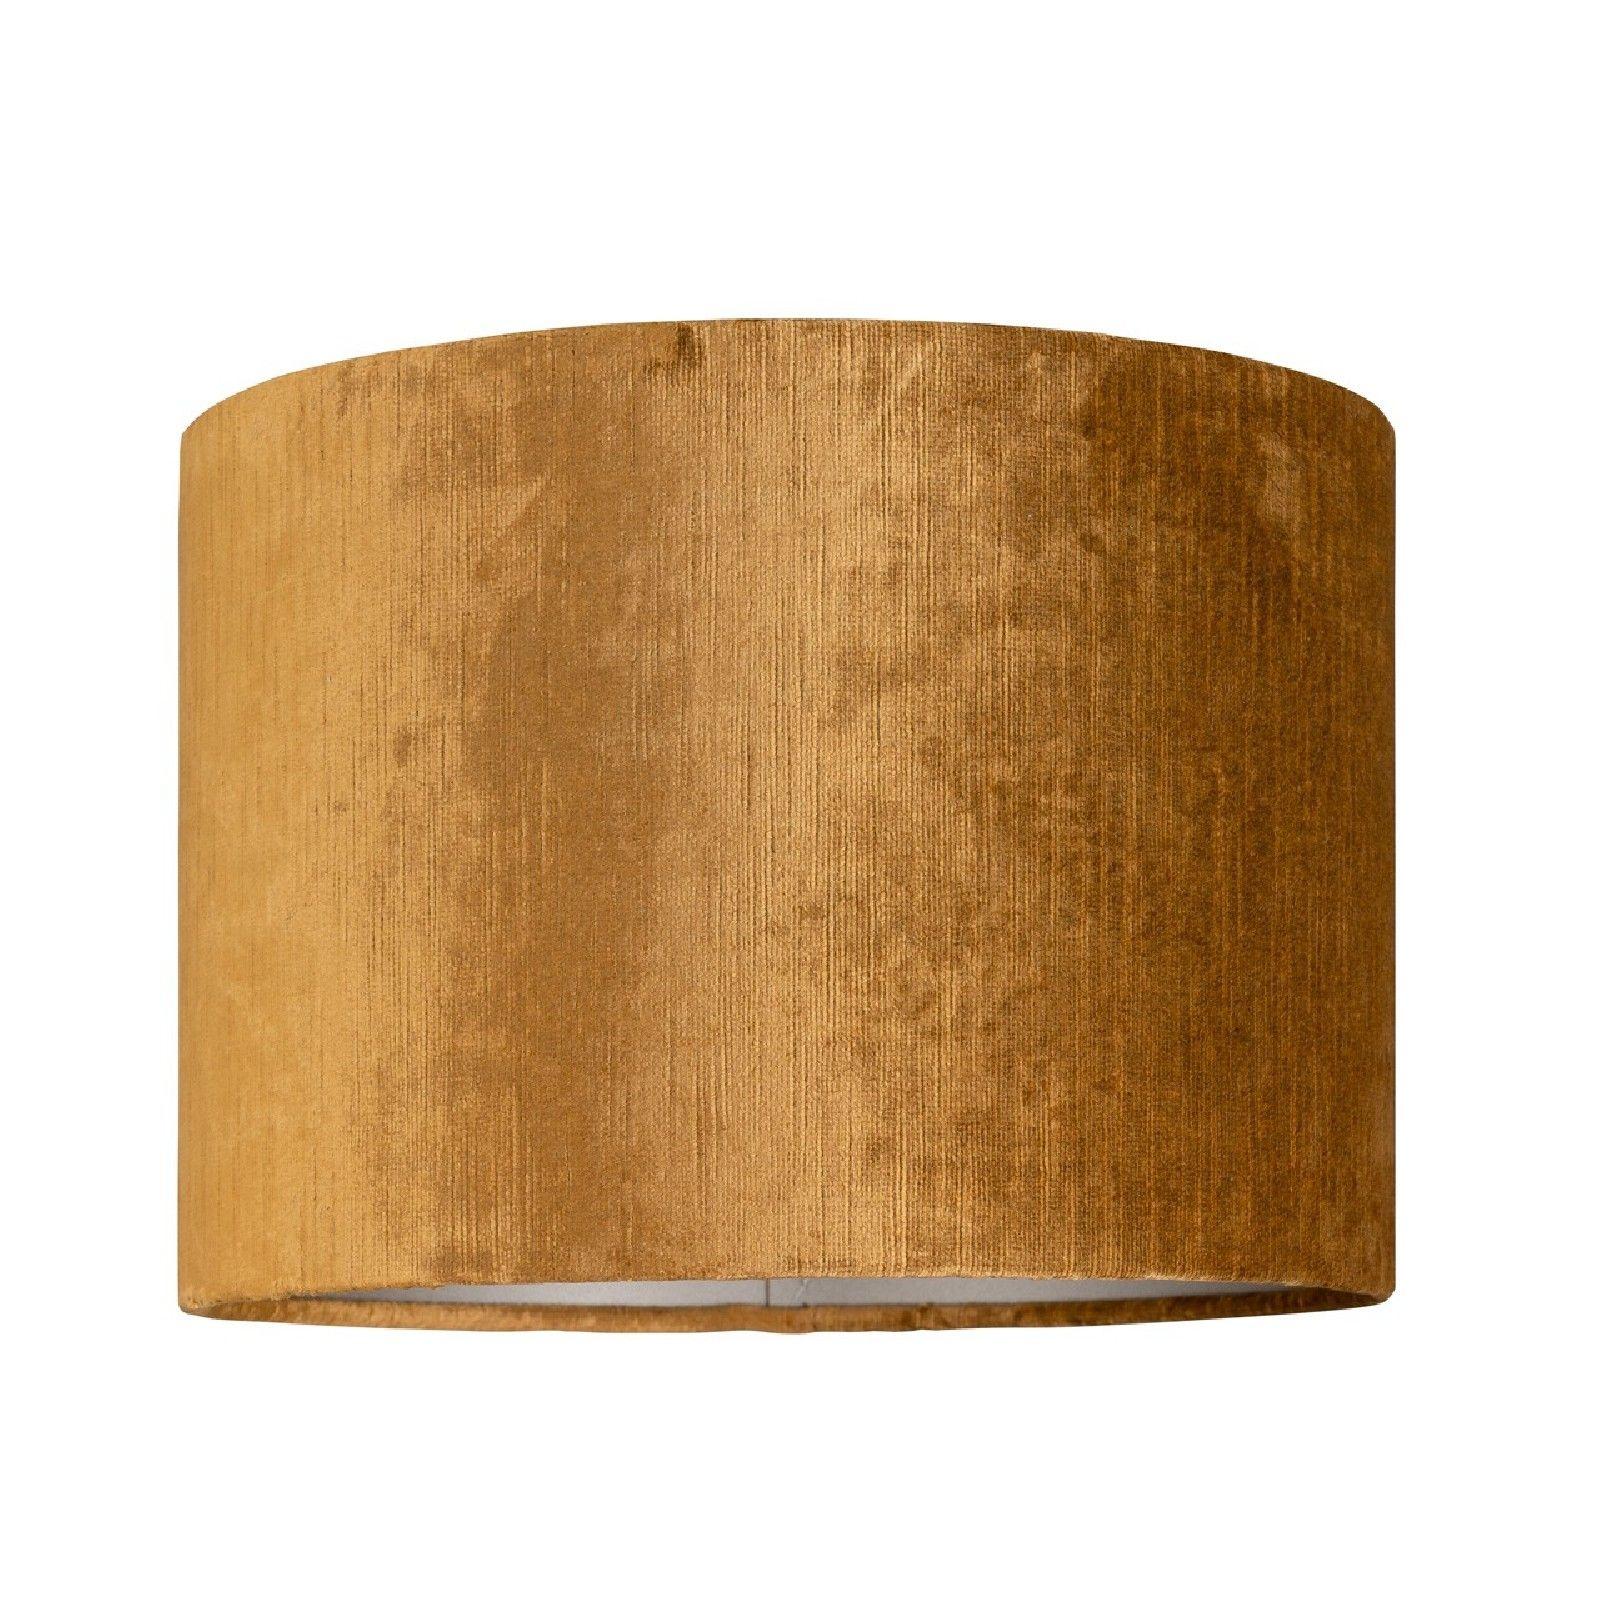 Abat-jour Goya cilinder 30Ø, doré Abat jours - 3